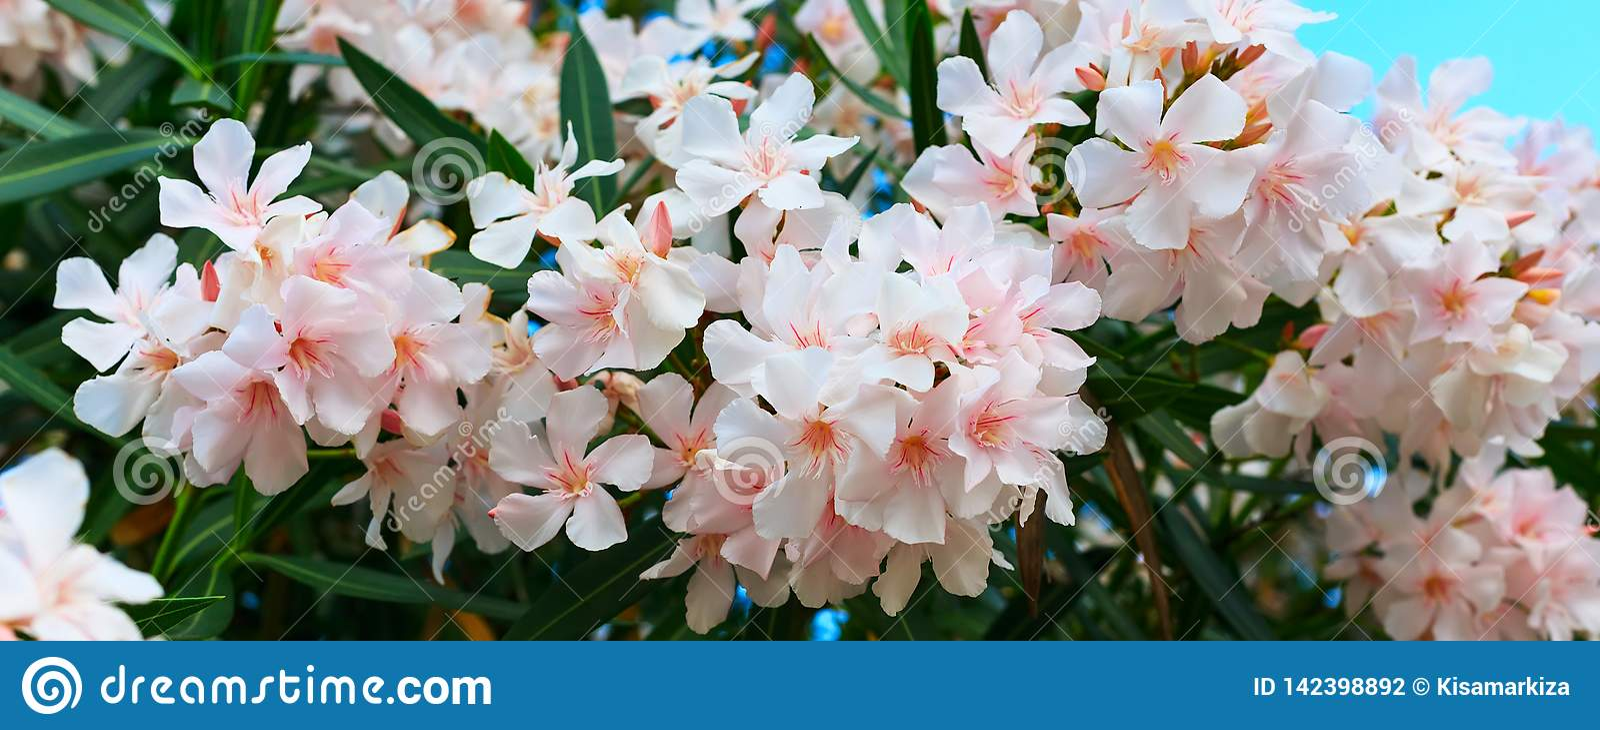 在绽放,绿色叶子的白色夹竹桃